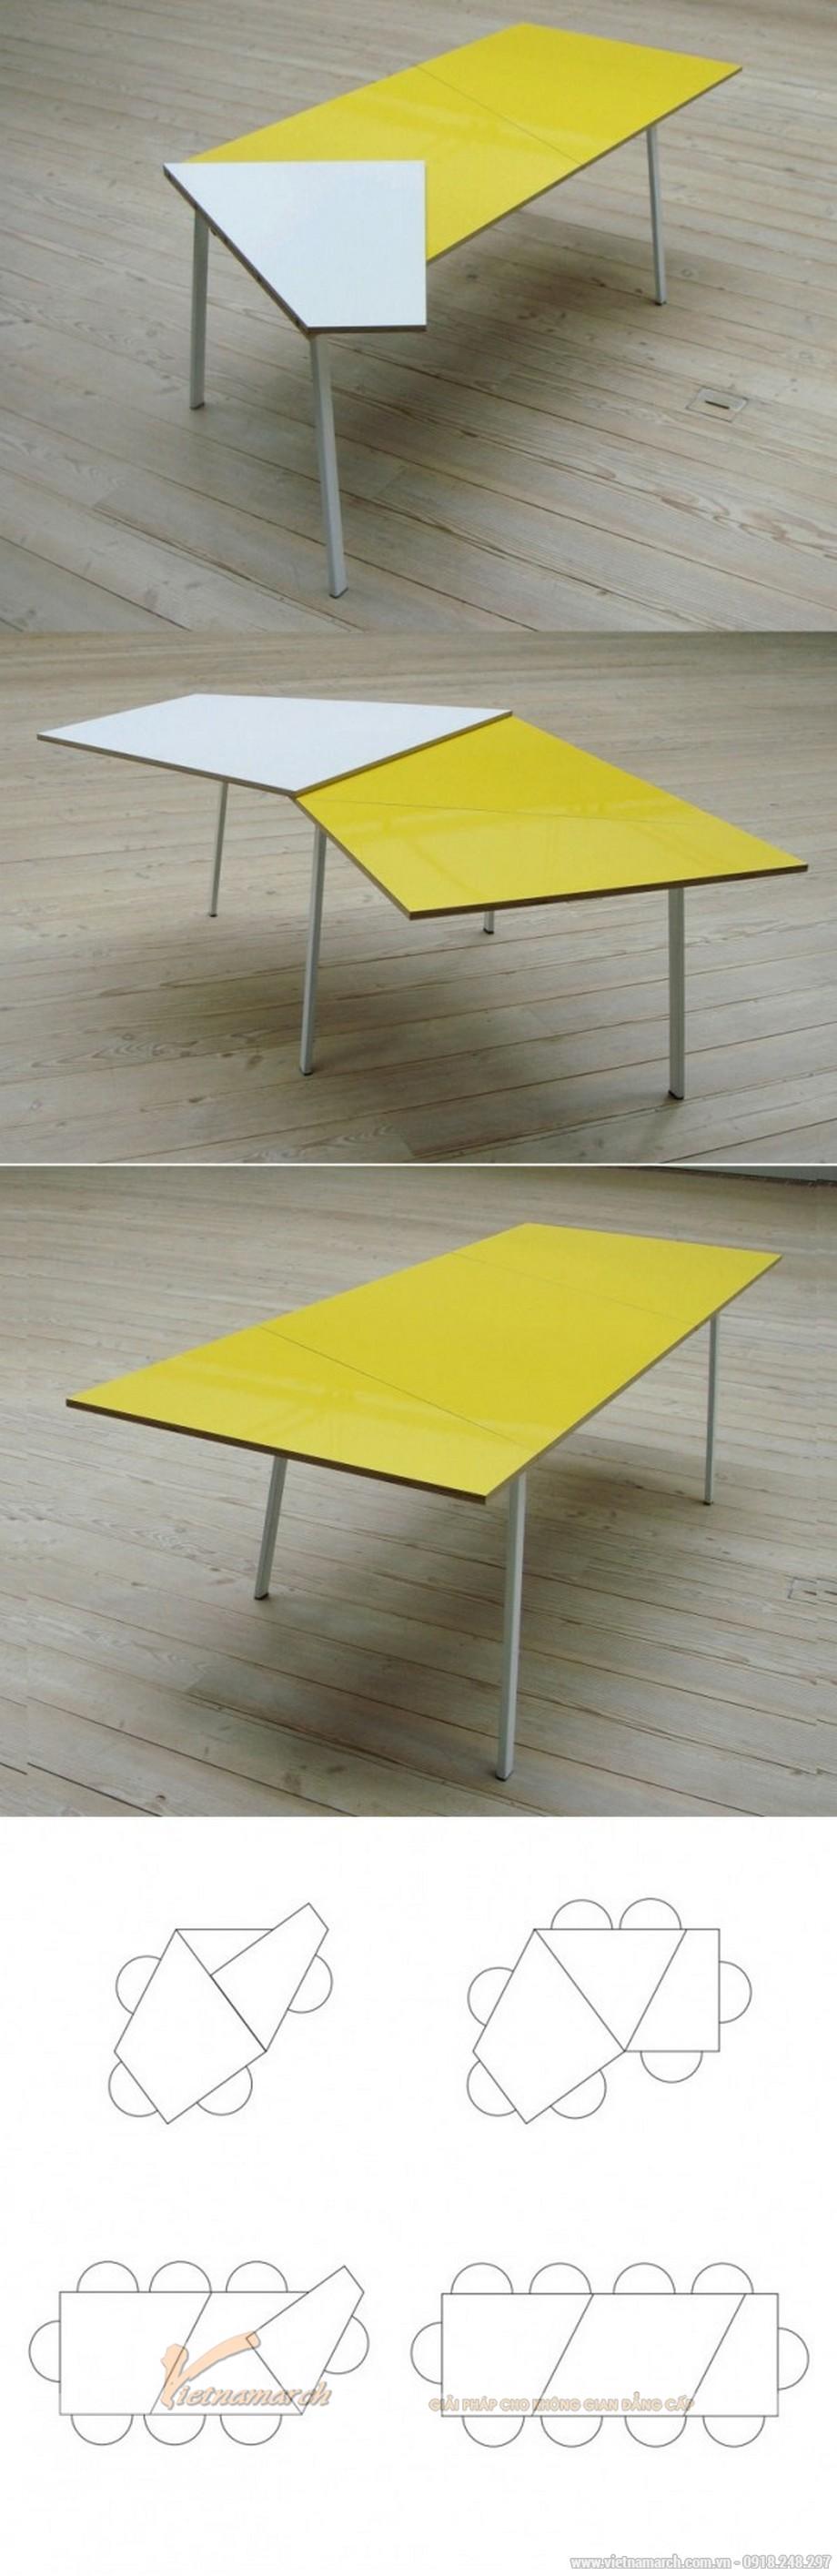 Mẫu bàn này có thể thu nhỏ hay mở rộng làm bàn ăn cho 4 đến 10 người